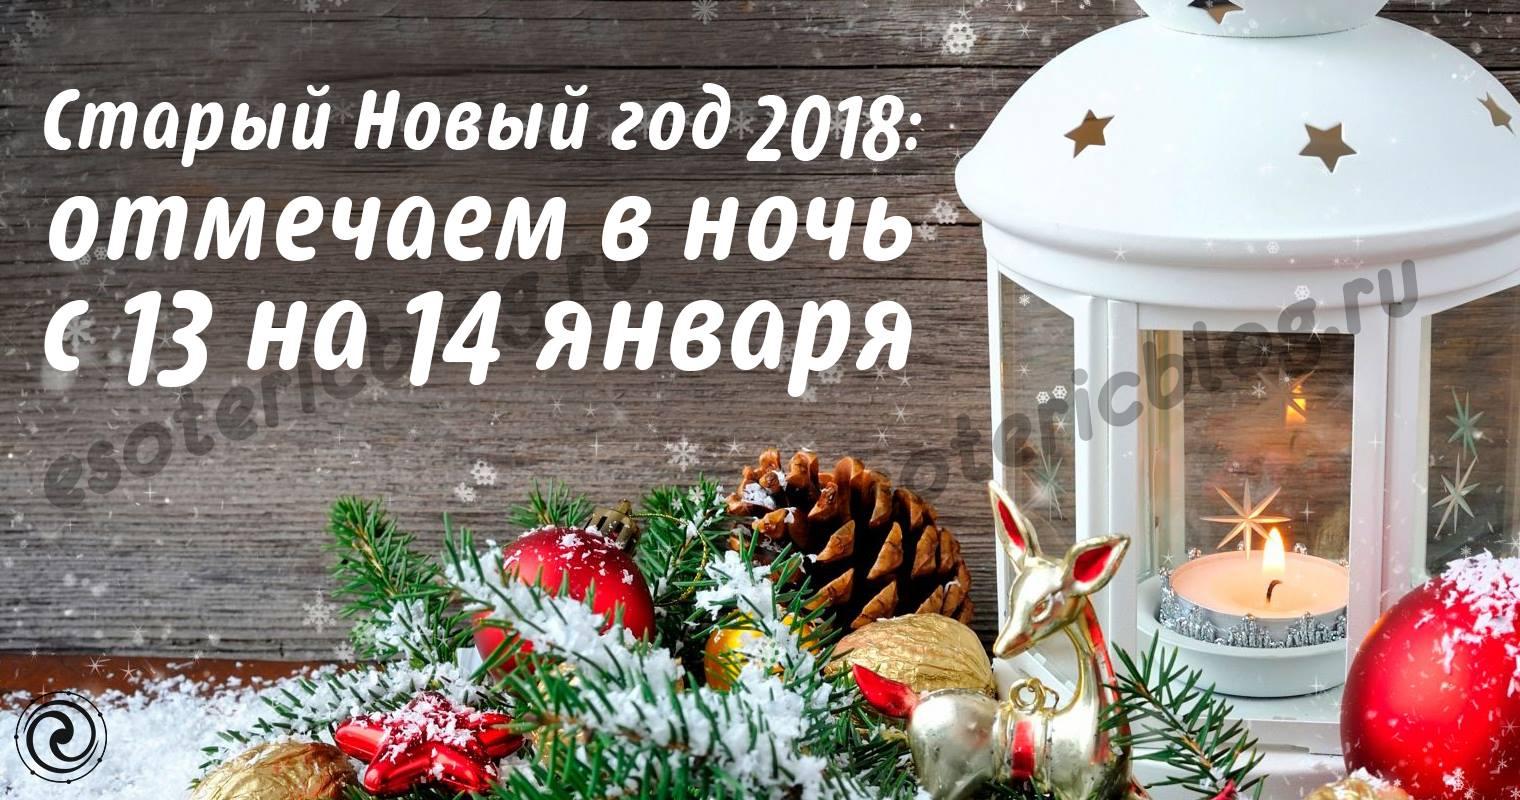 Старый Новый 2018 год